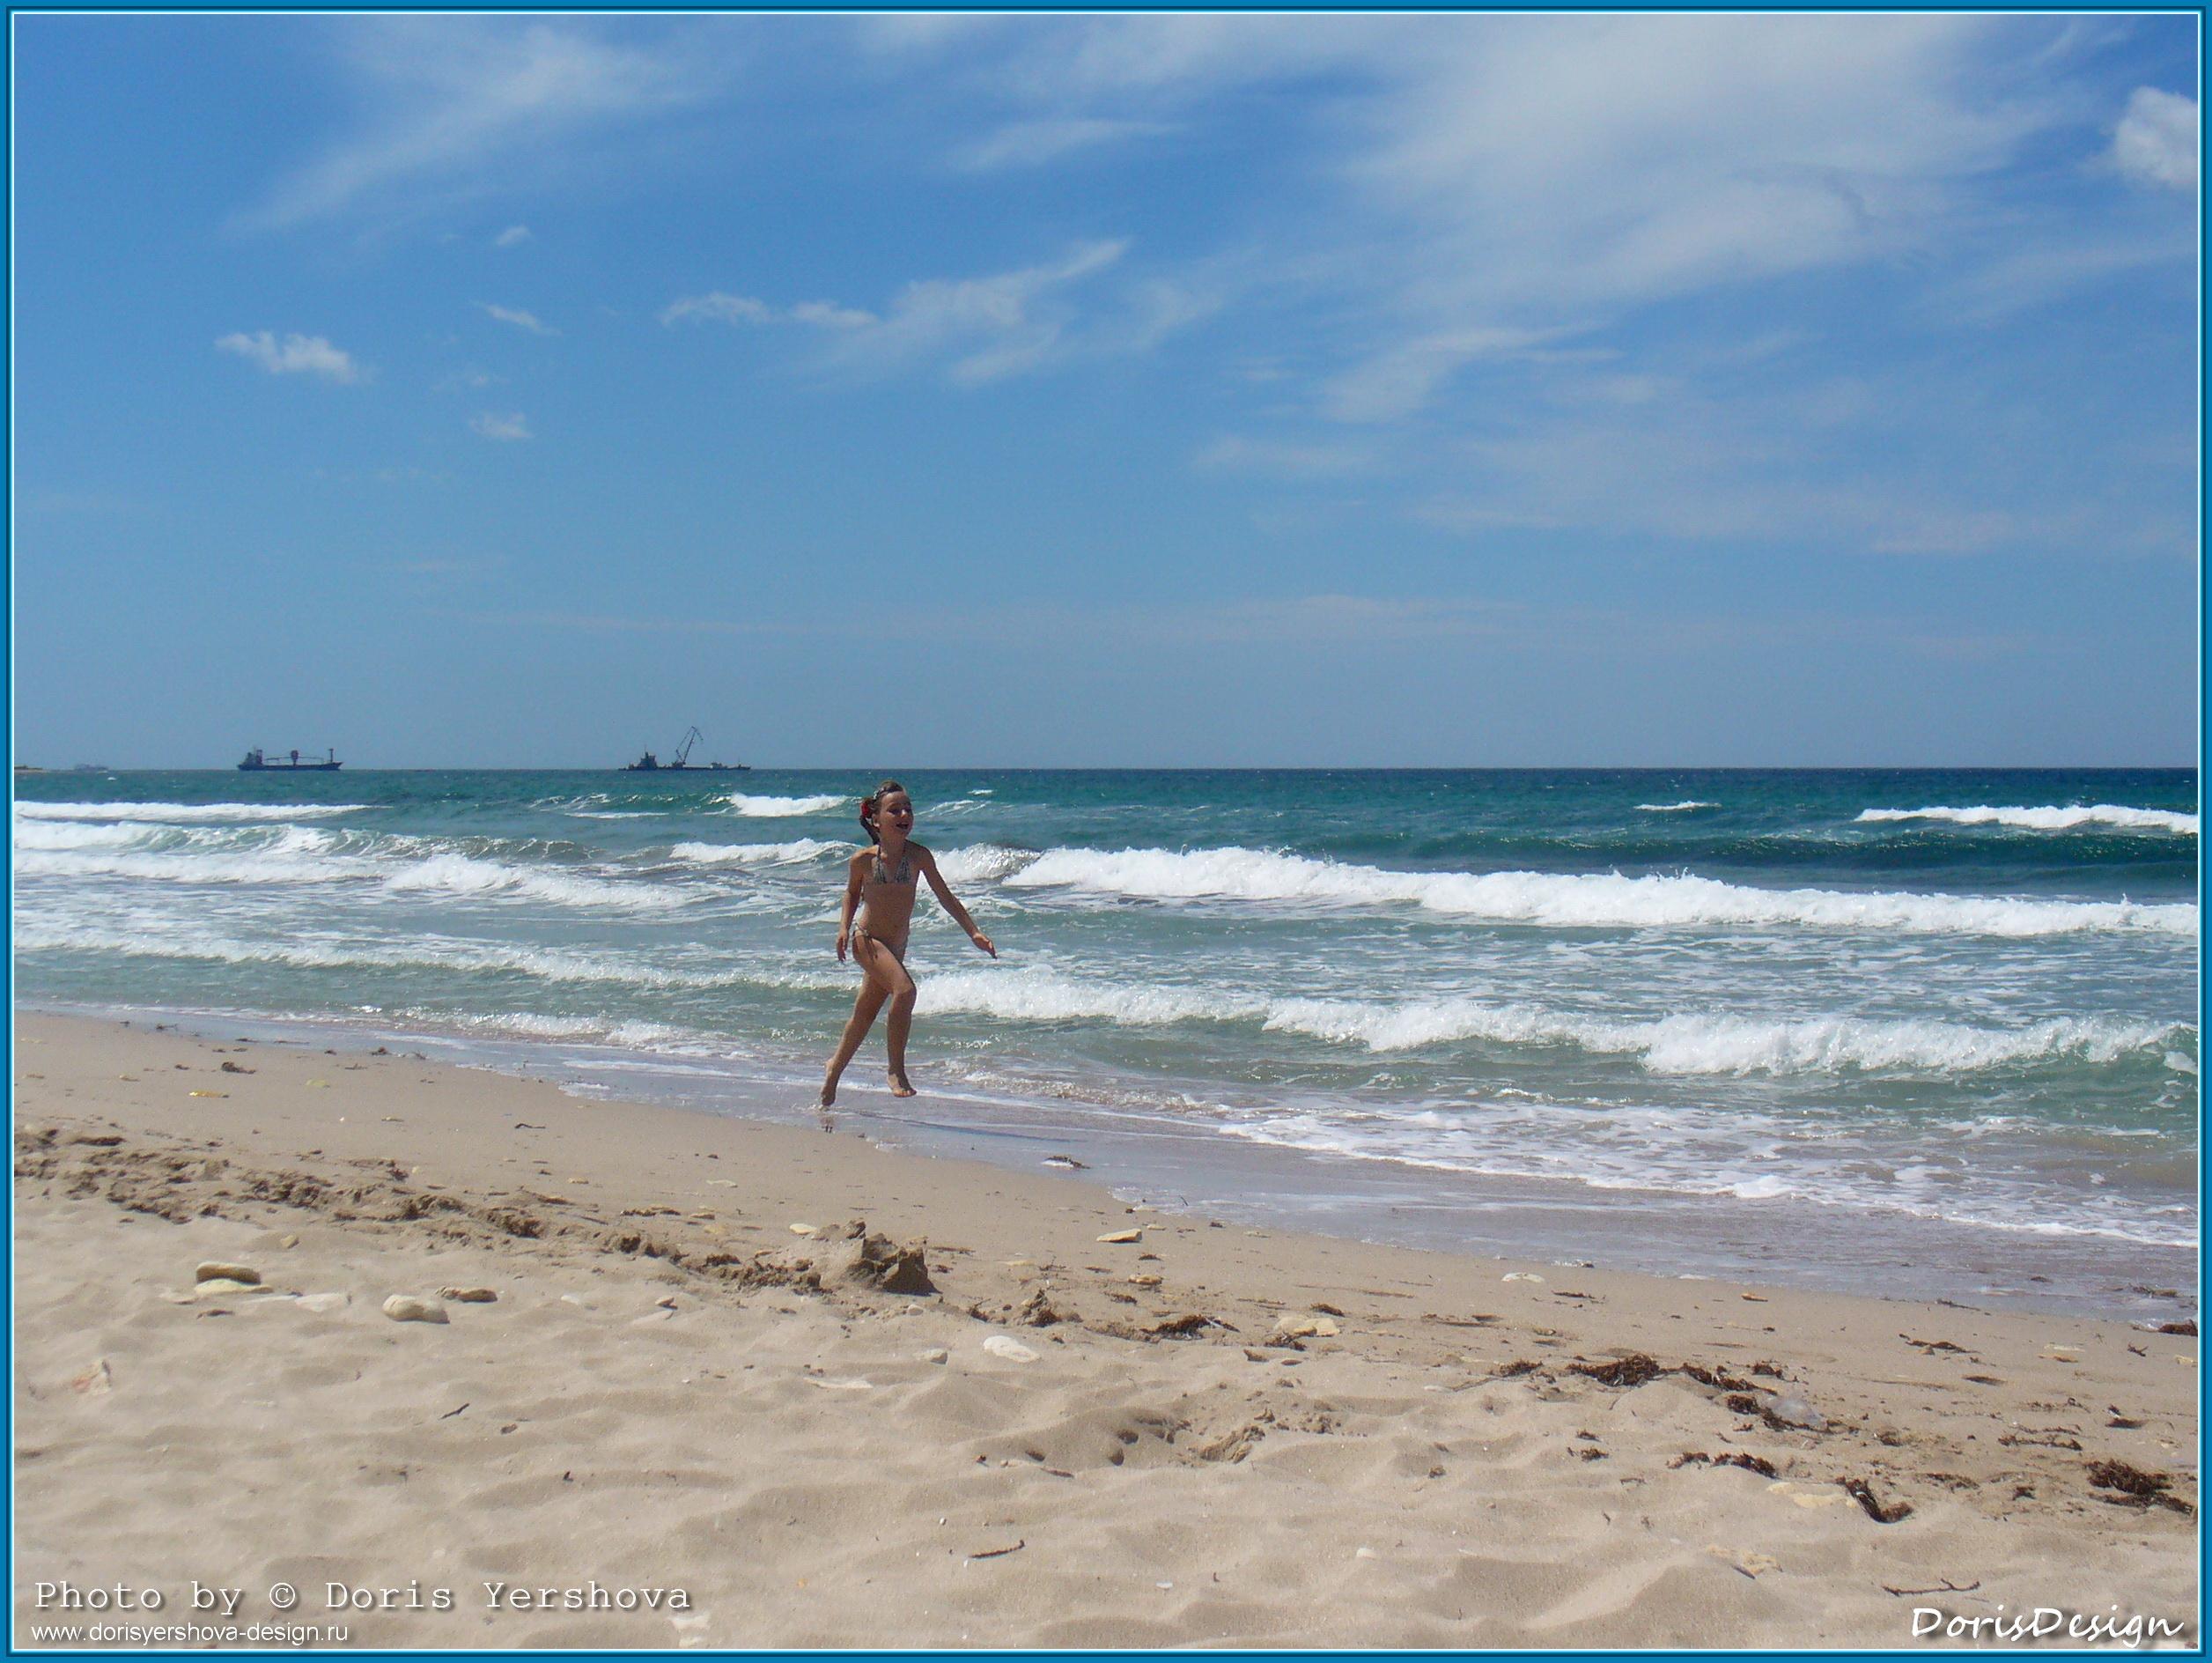 море, Крым, Тарханкут, поселок Оленевка, лето, по кромке воды бежит девочка,  корабли на горизонте, прибой